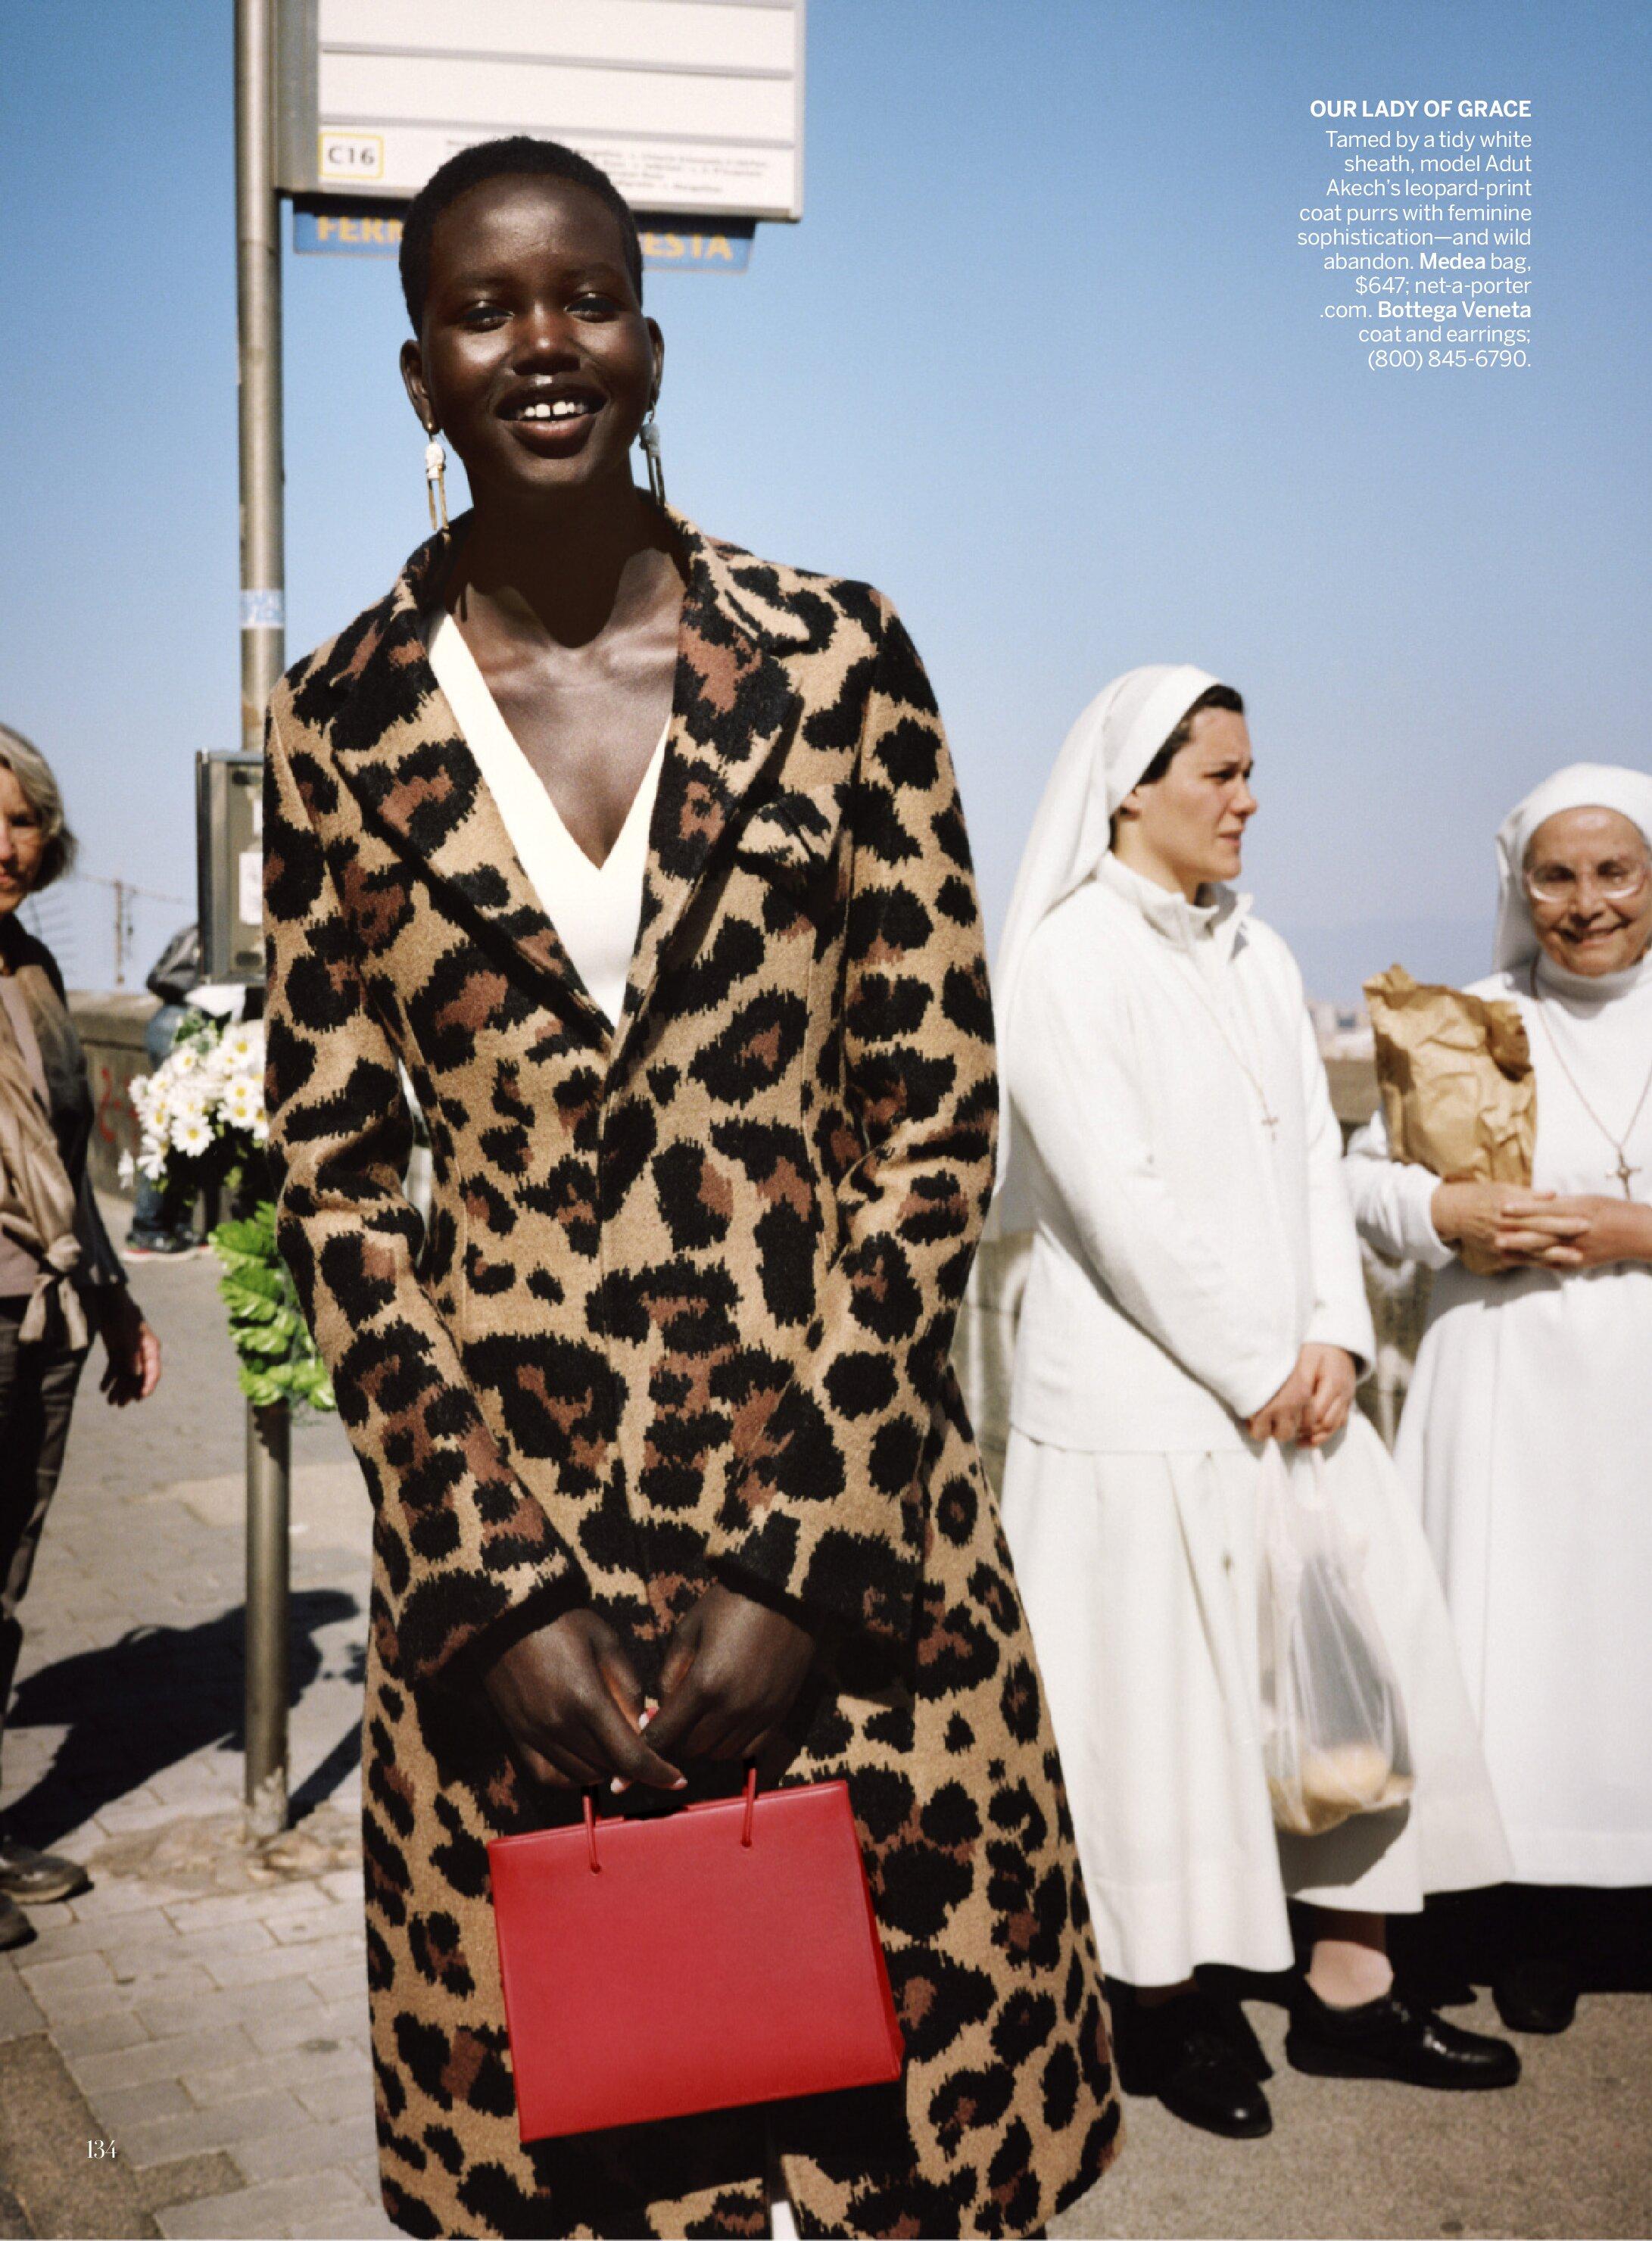 Adut Akech by Angelo Pennetta in leopard pattern coatdress for American Vogue.